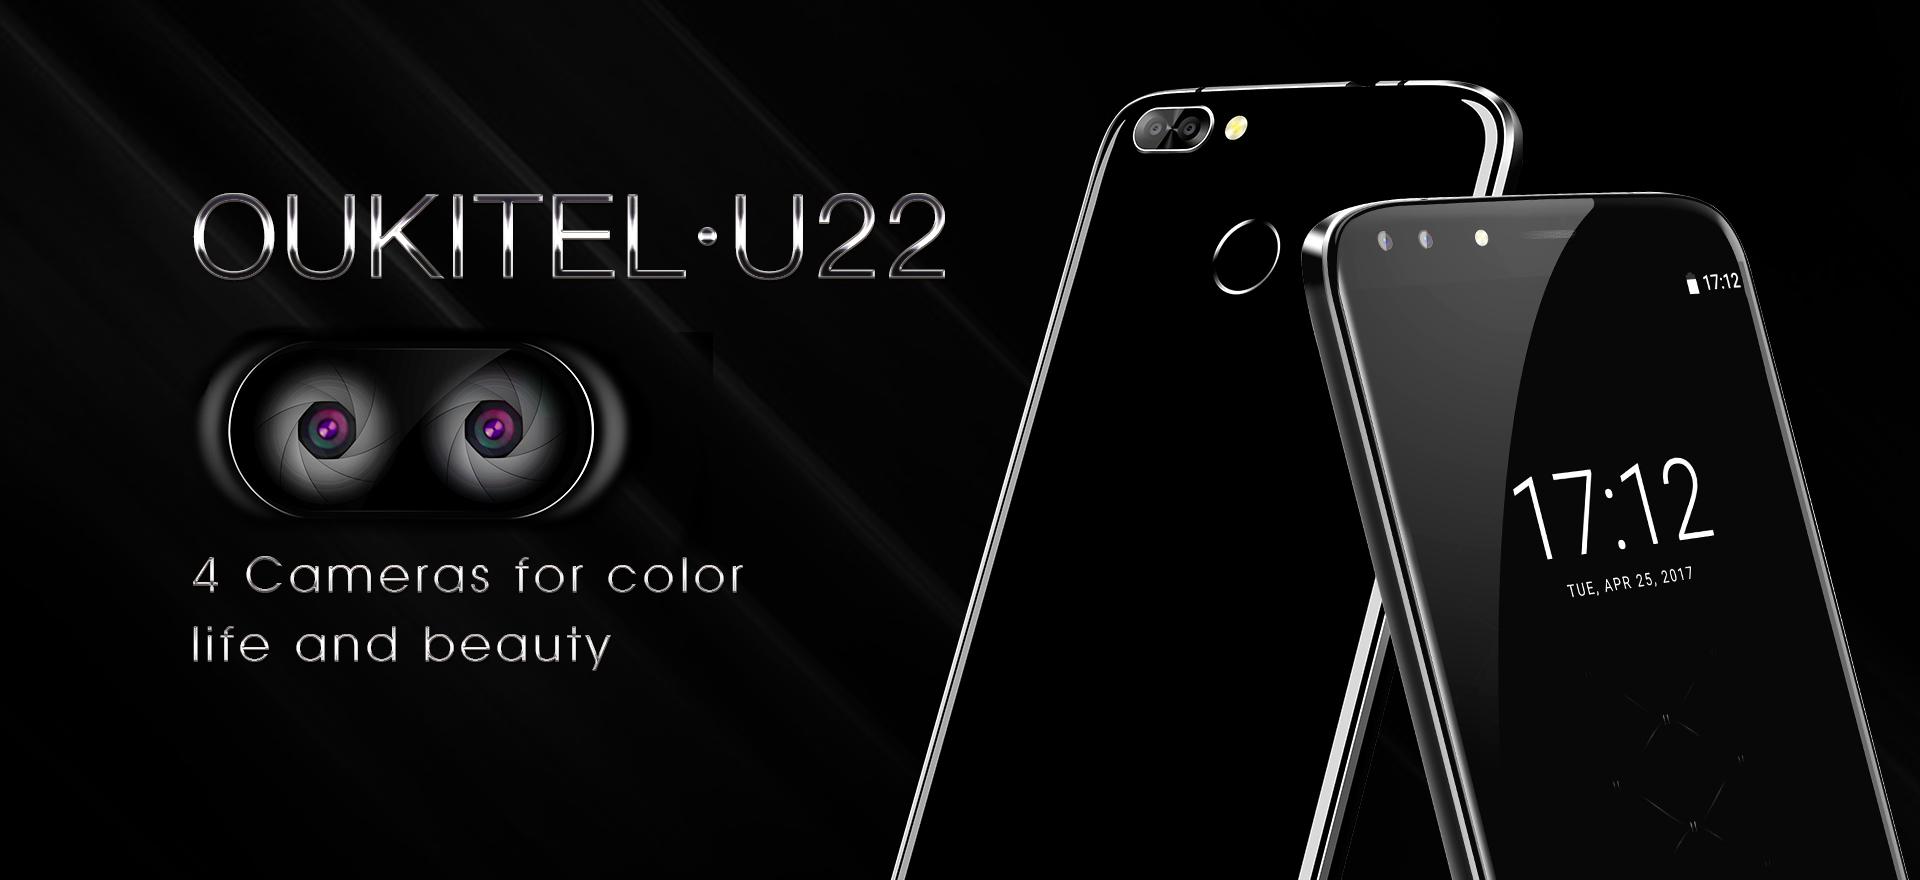 Oukitel představí smartphone se čtyřmi foťáky